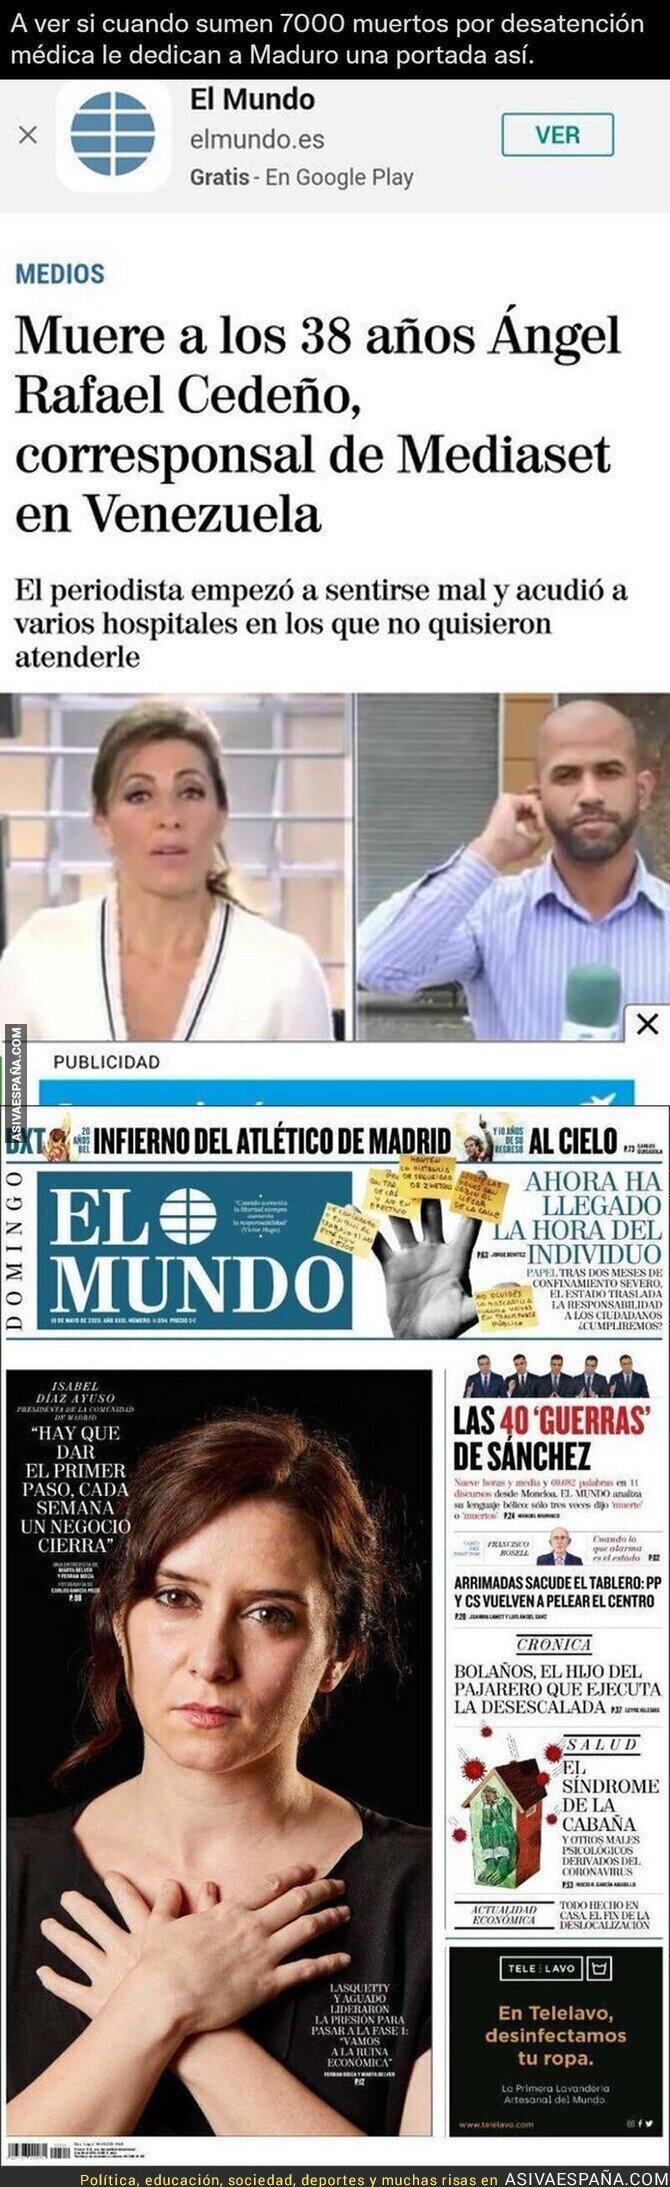 922577 - España está peor que Venezuela